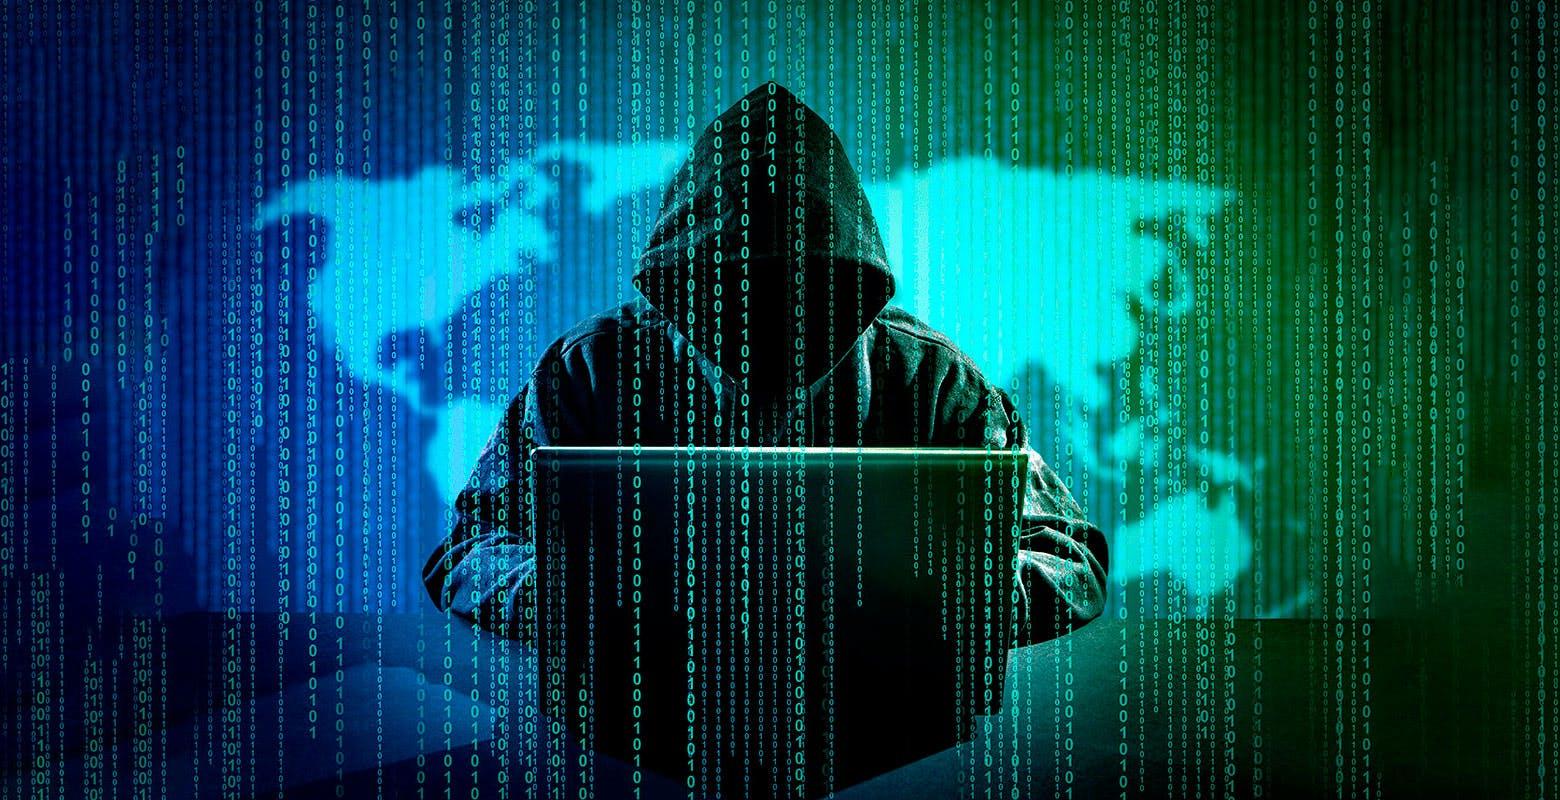 Un abilissimo gruppo di hacker da mesi sfrutta falle sconosciute per attaccare Windows, Android e iOS. Nessuno sa chi siano